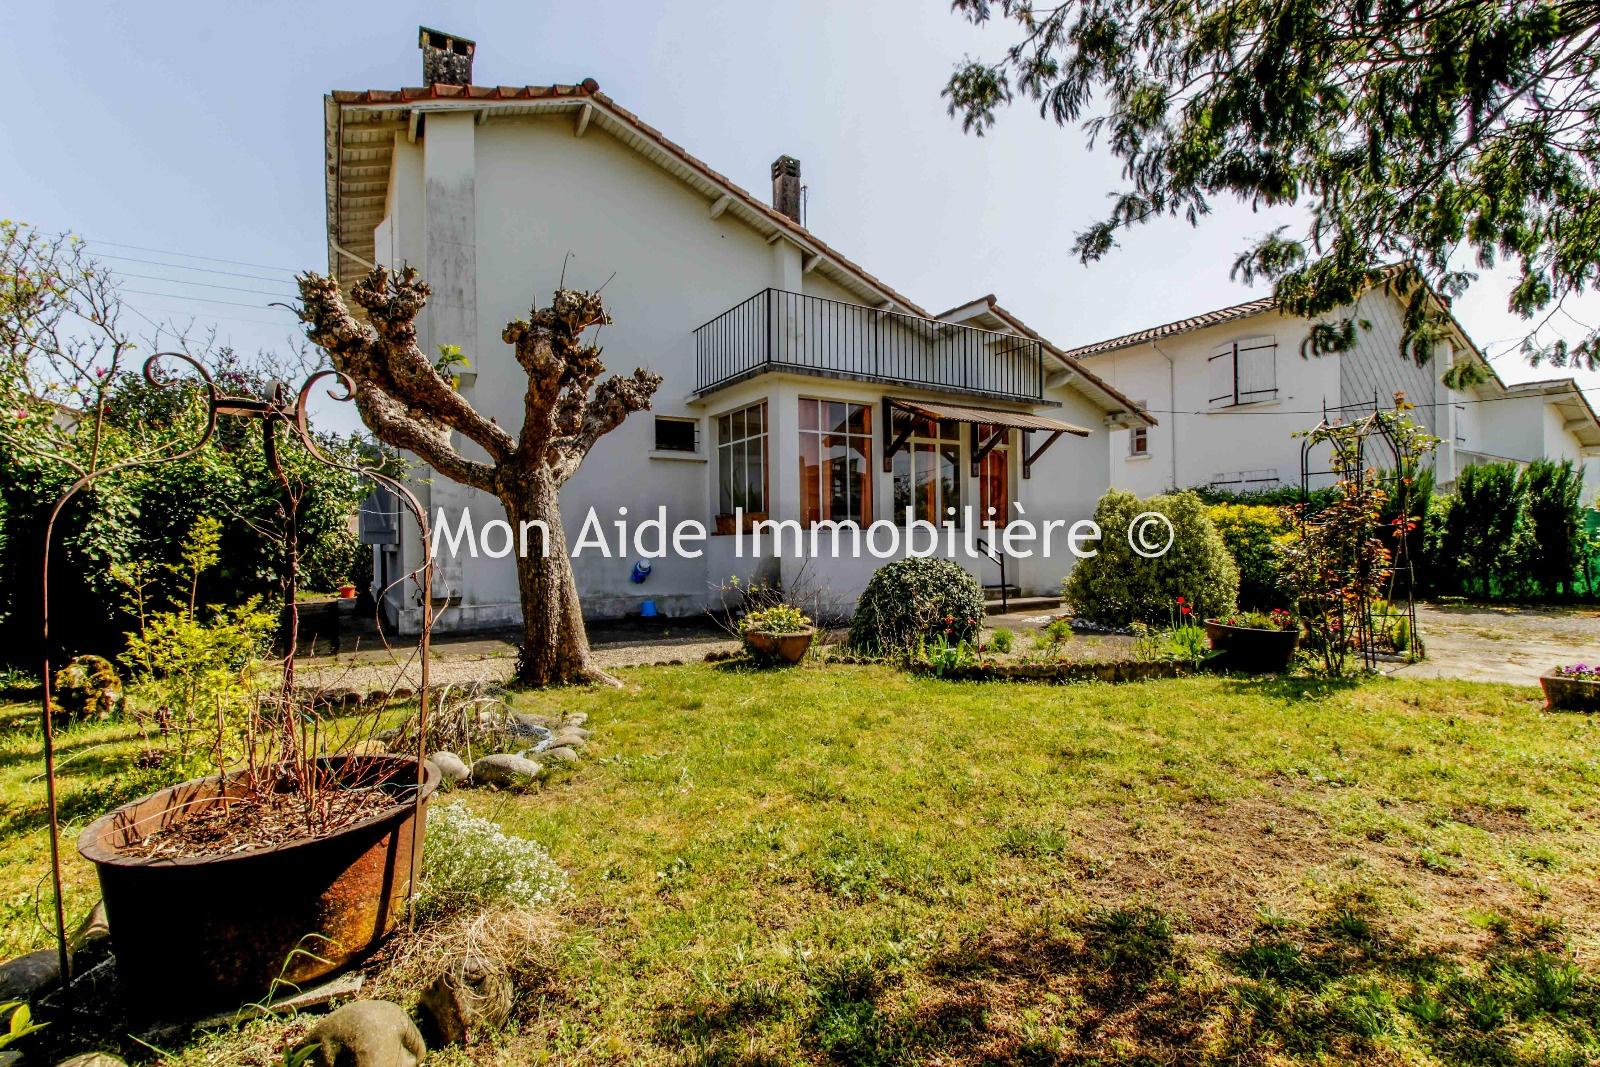 Vente maison villa particulier 0 de commission maison for Vente maison particulier